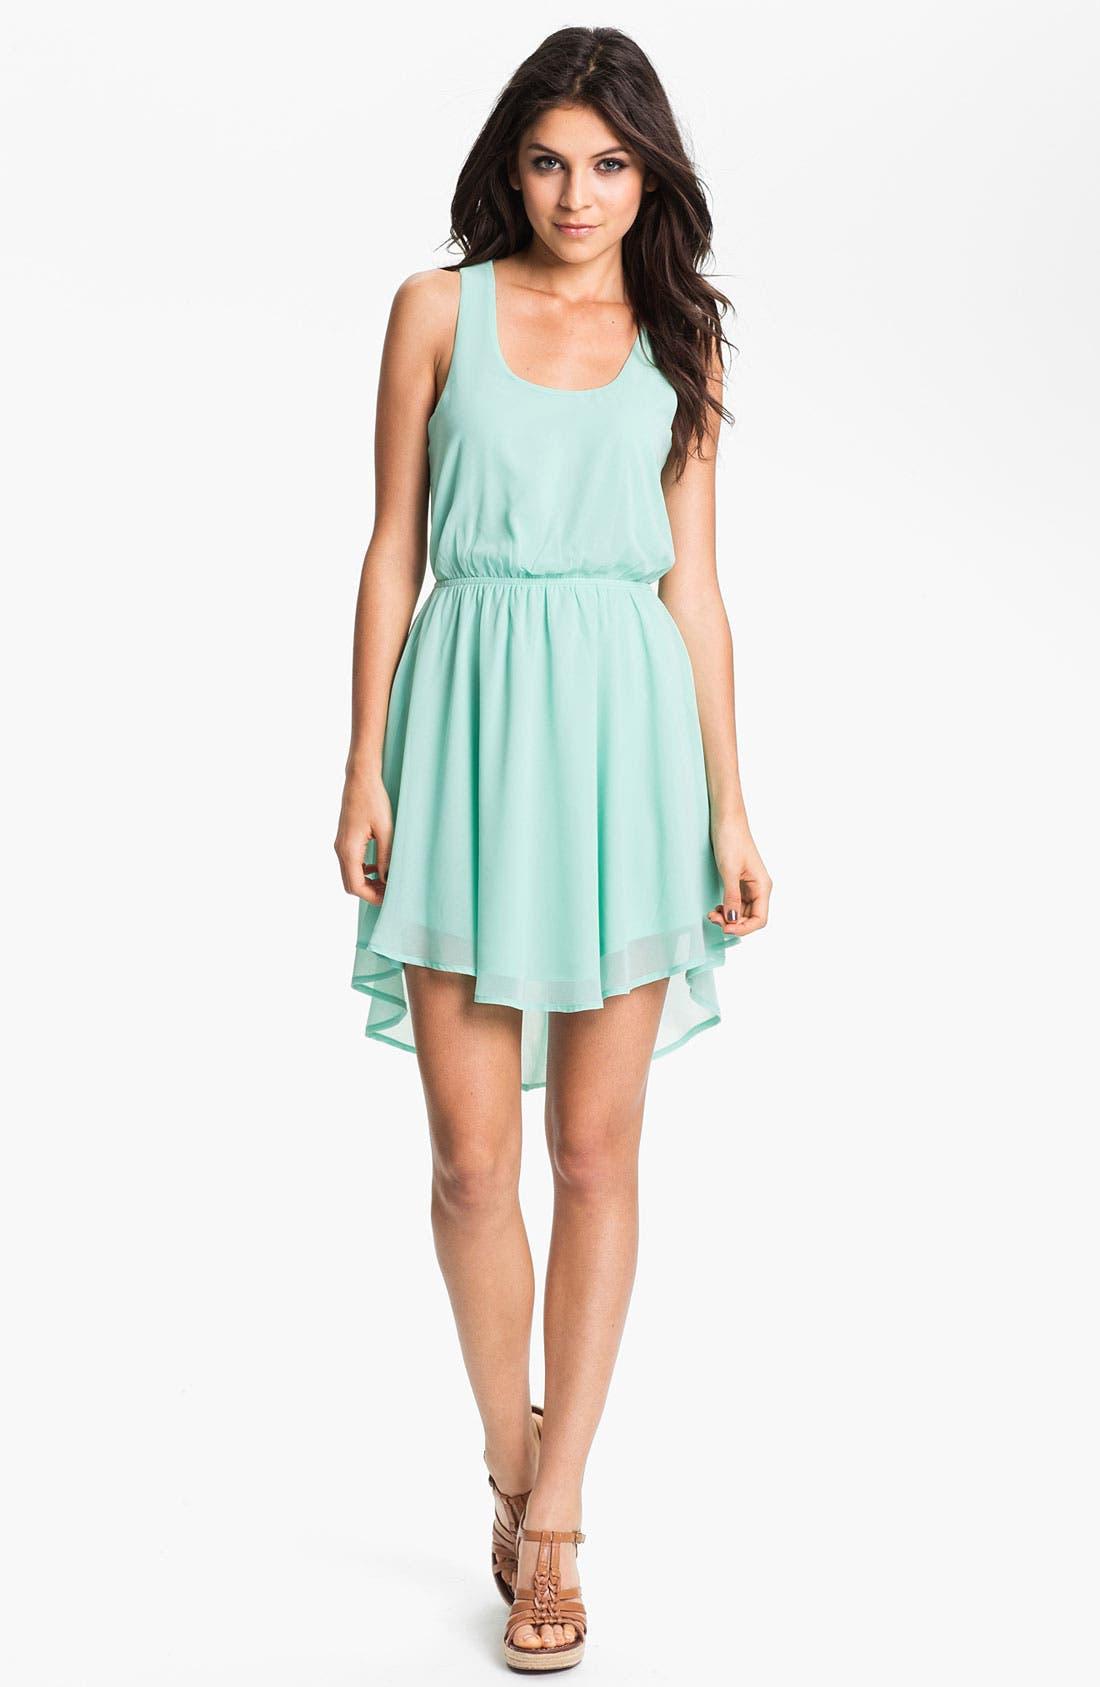 Alternate Image 1 Selected - Lush Colorblock Cutout Dress (Juniors)